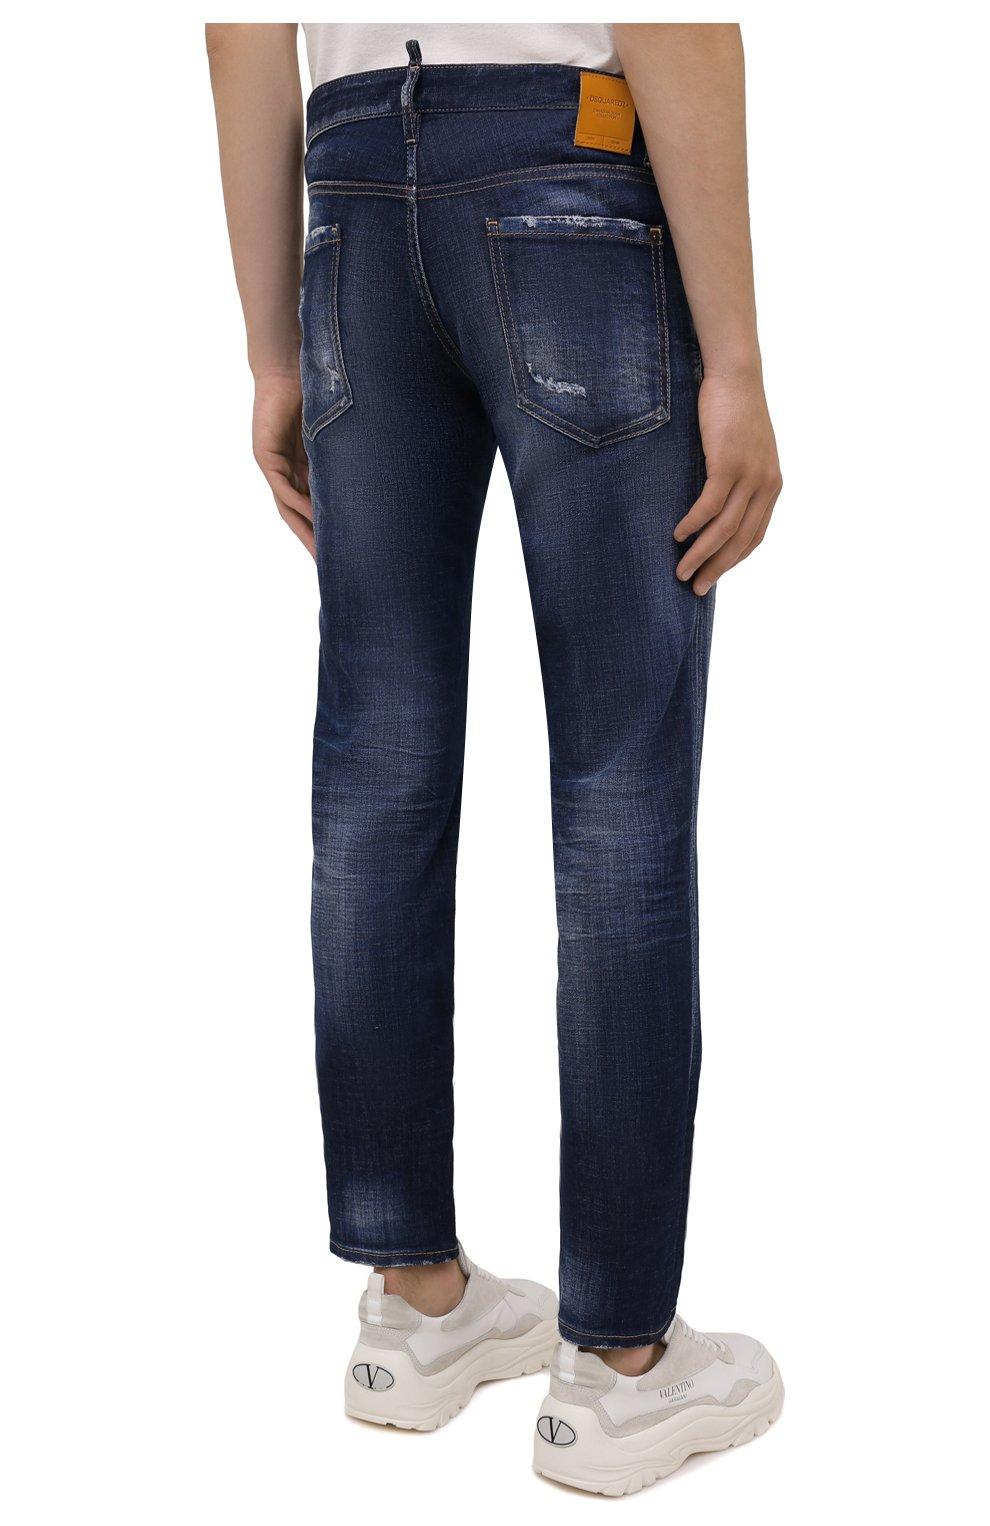 Мужские джинсы DSQUARED2 синего цвета, арт. S71LB0938/S30342 | Фото 4 (Силуэт М (брюки): Прямые; Кросс-КТ: Деним; Длина (брюки, джинсы): Стандартные; Стили: Гранж; Материал внешний: Хлопок; Детали: Потертости)